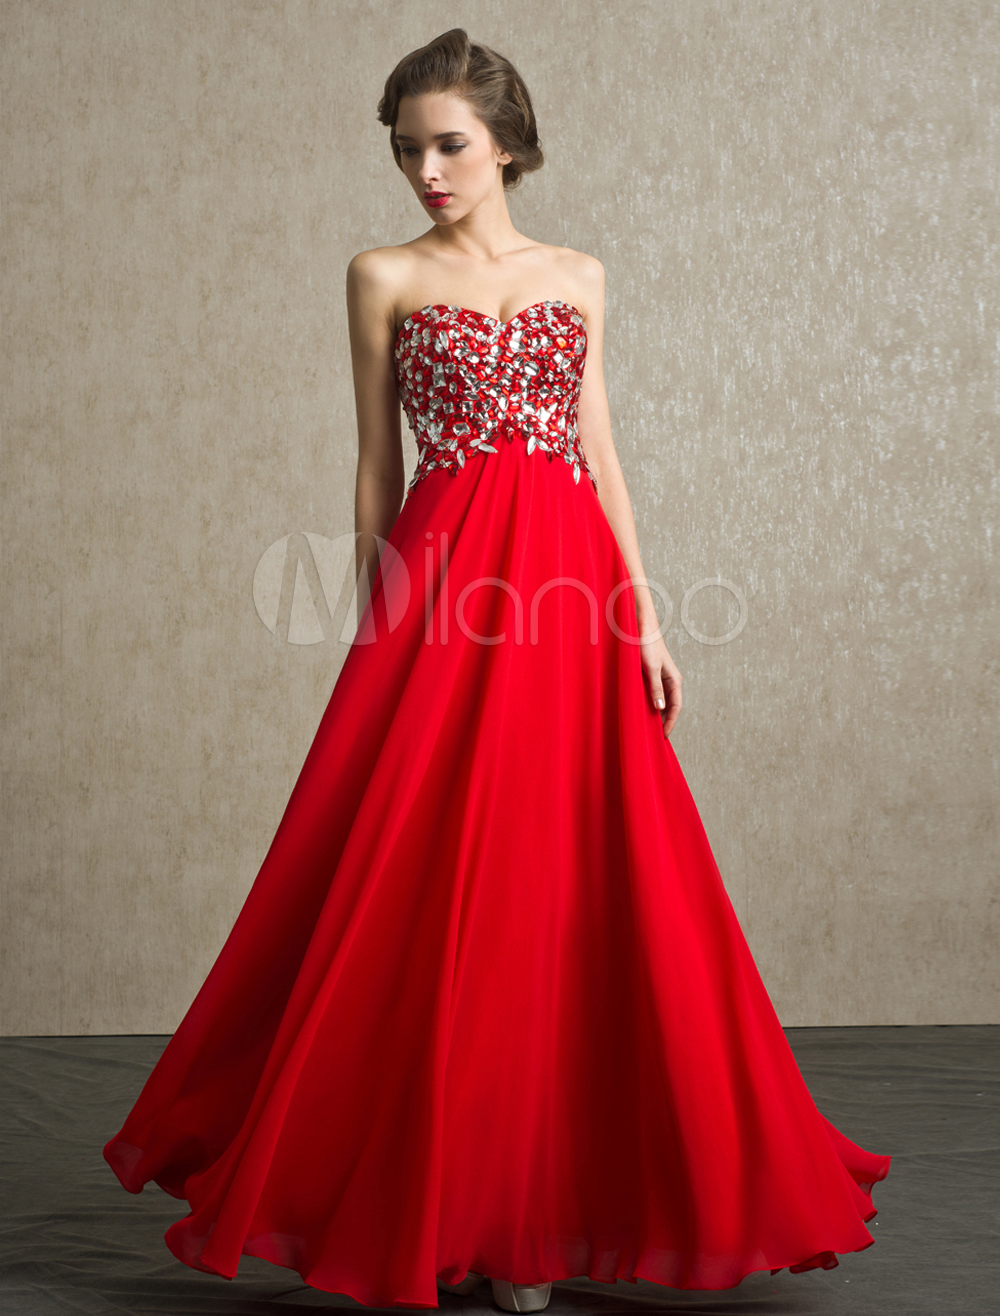 robe mousseline backless de bal rouge robe bustier strass en 2019 belles robes belles. Black Bedroom Furniture Sets. Home Design Ideas